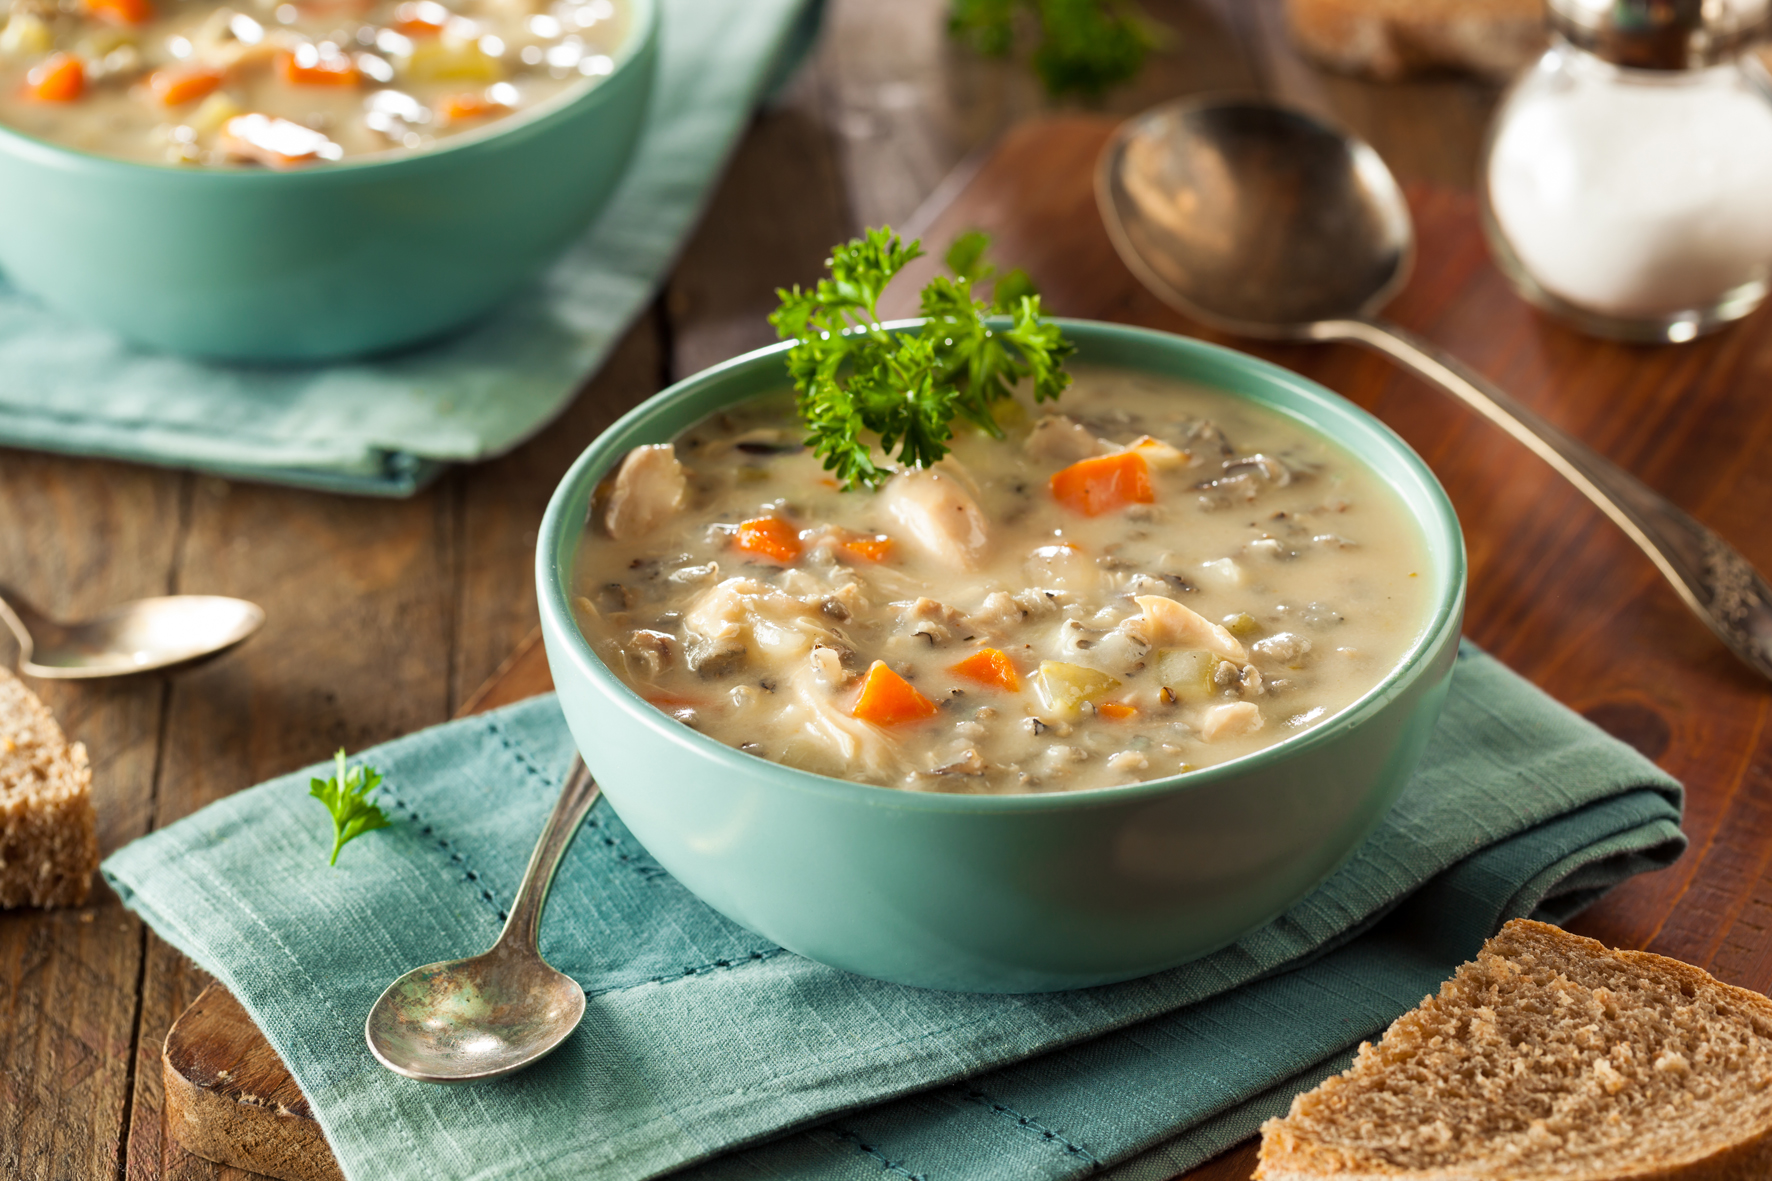 Doporučuje především jídla pečená, dušená a husté vydatné polévky